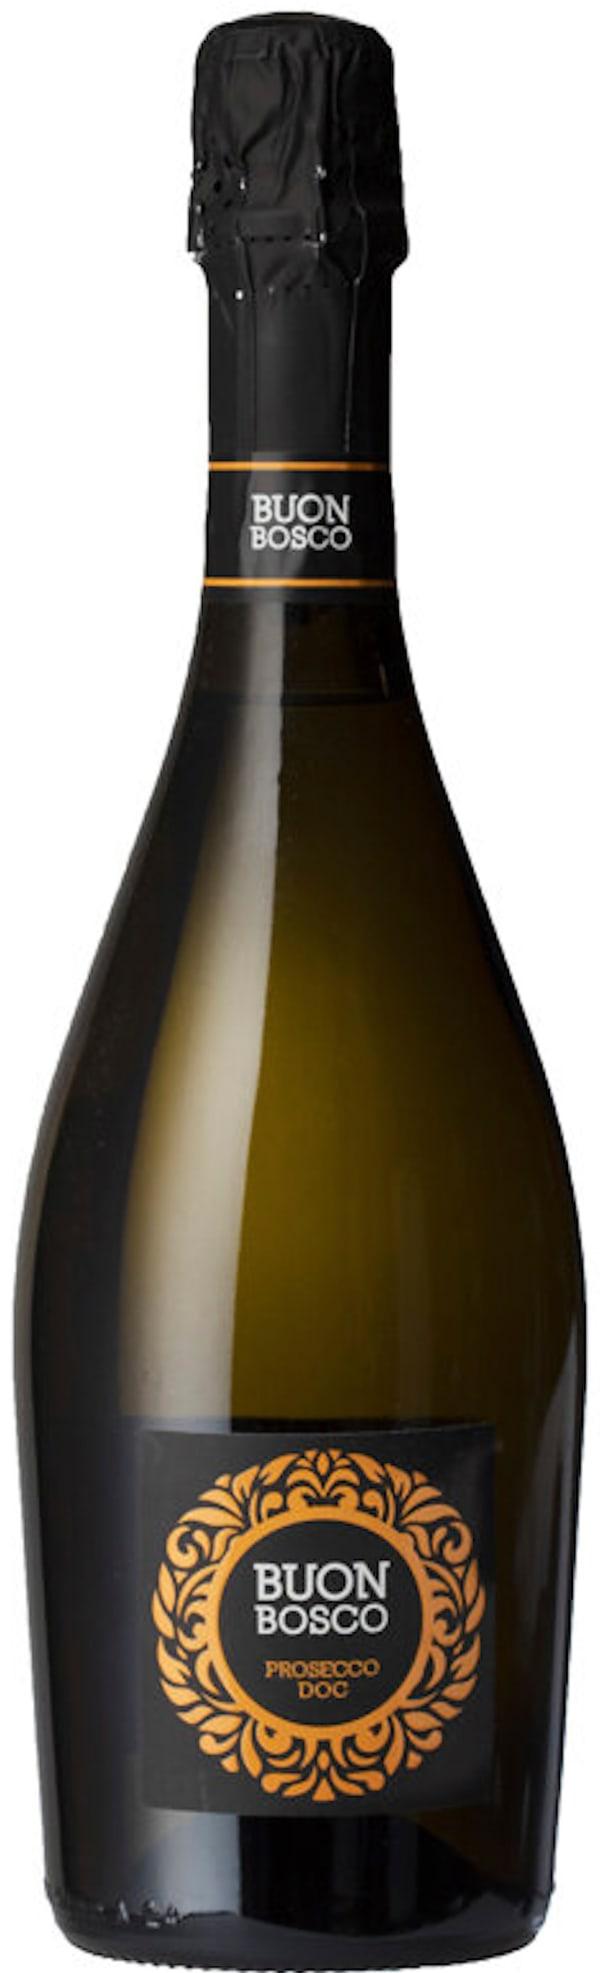 San Martino Buon Bosco Prosecco Extra Dry